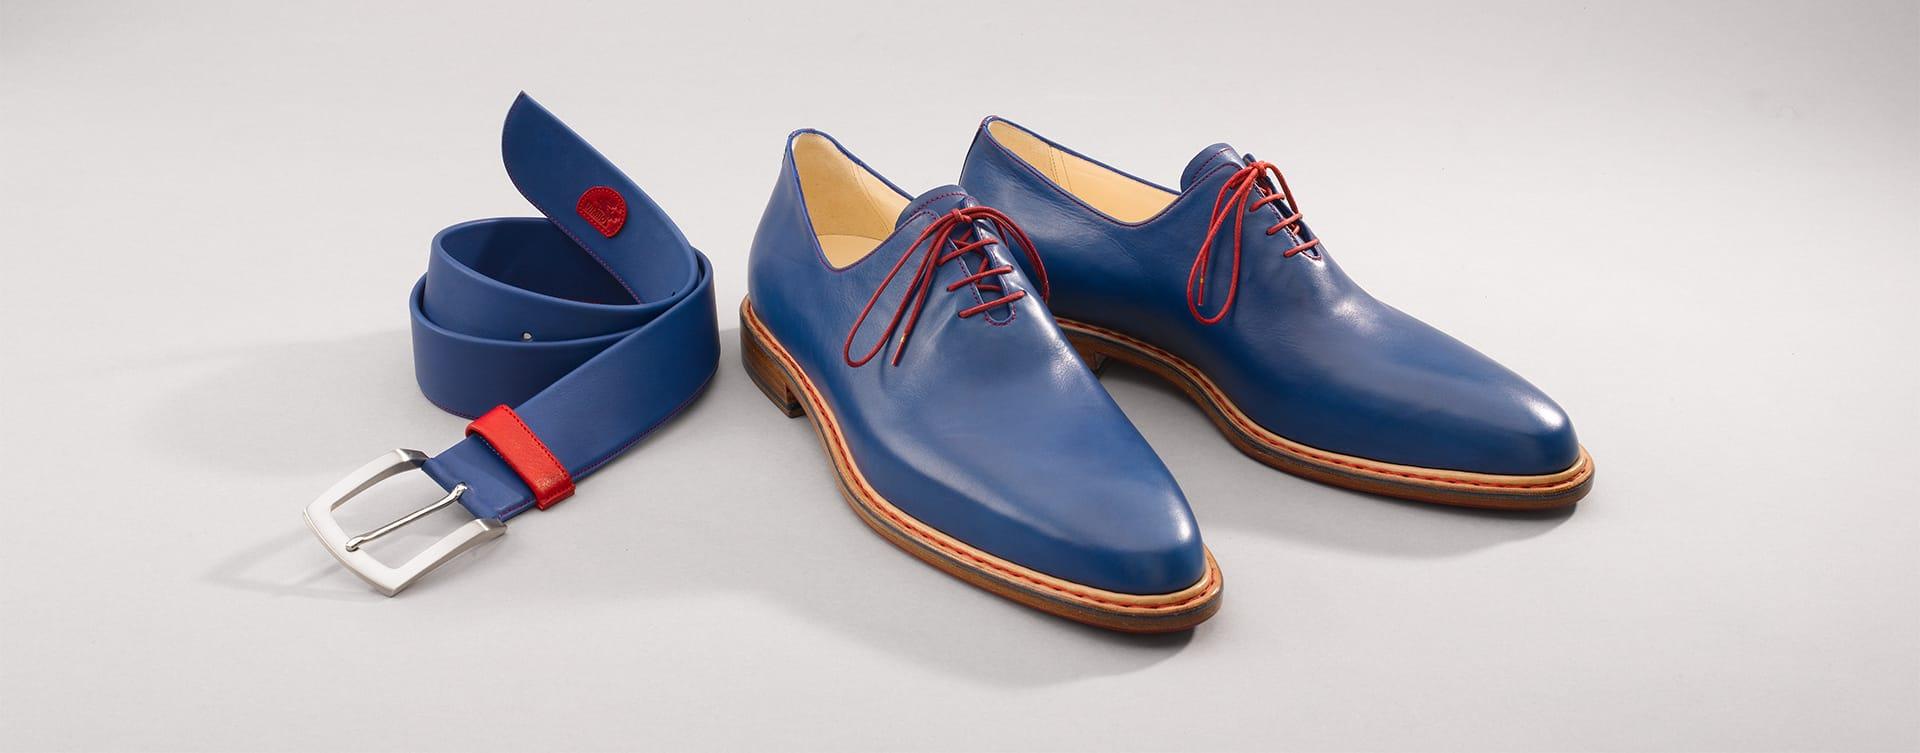 Für unser Familienunternehmen hat die Marke Vitallo eine ganz besondere Bedeutung. Für uns ist sie der Inbegriff der Leidenschaft und der Perfektion, mit der in unserer Manufaktur seit Generationen Schuhe gefertigt werden.